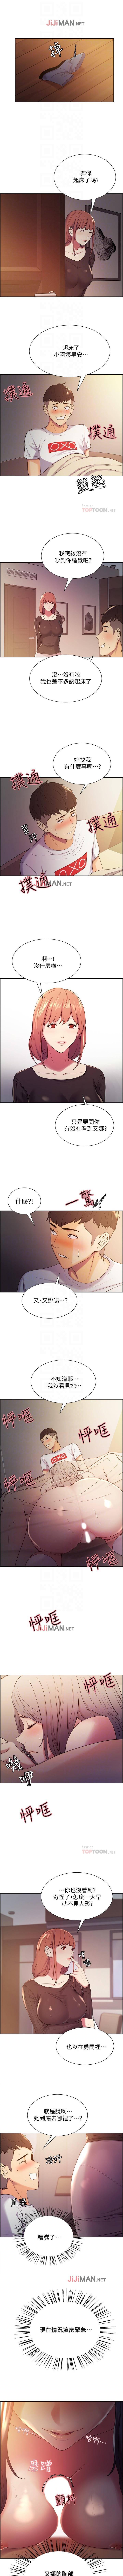 【周二连载】室友招募中(作者:Serious) 第1~15话 32